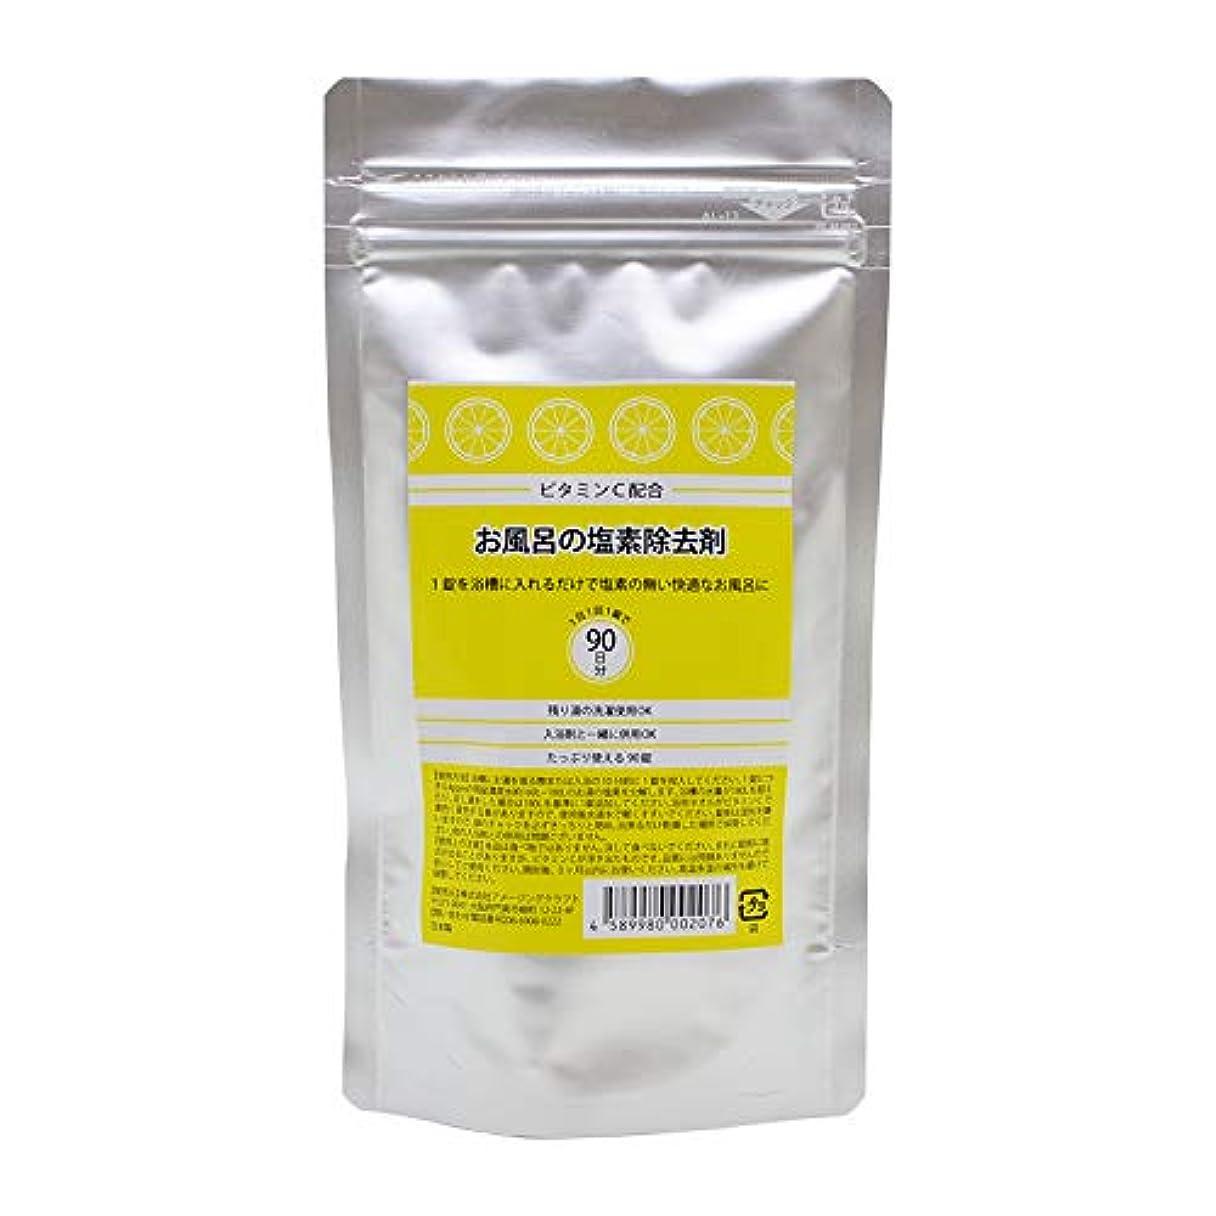 司書磁気空のビタミンC配合 お風呂の塩素除去剤 錠剤タイプ 90錠 浴槽用脱塩素剤